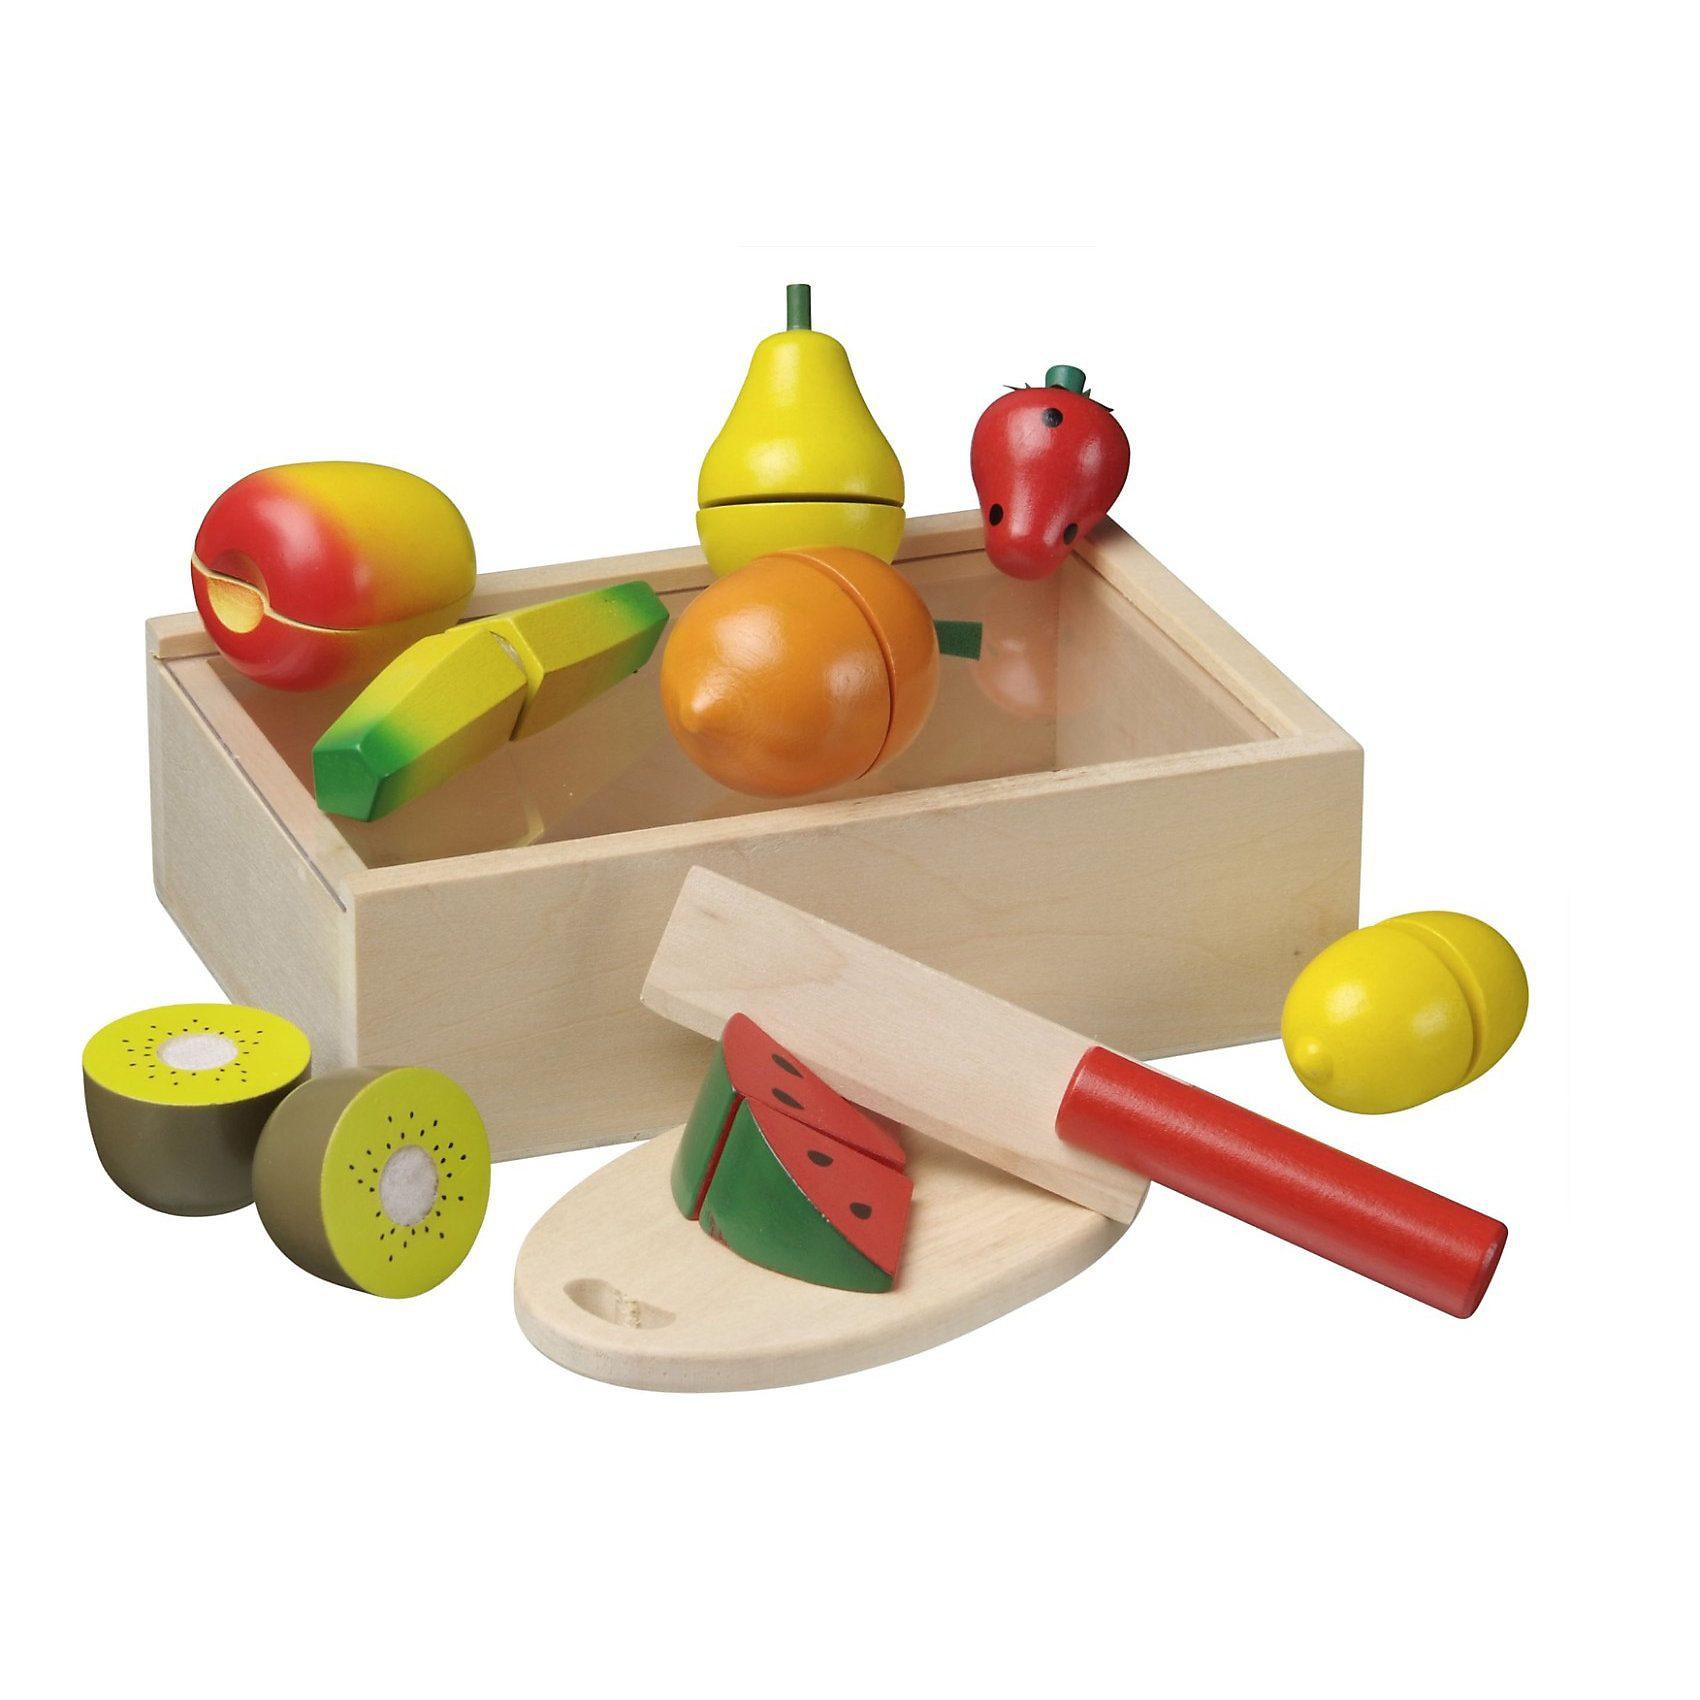 Eitech Spiellebensmittel NCT 581 Früchte schneiden